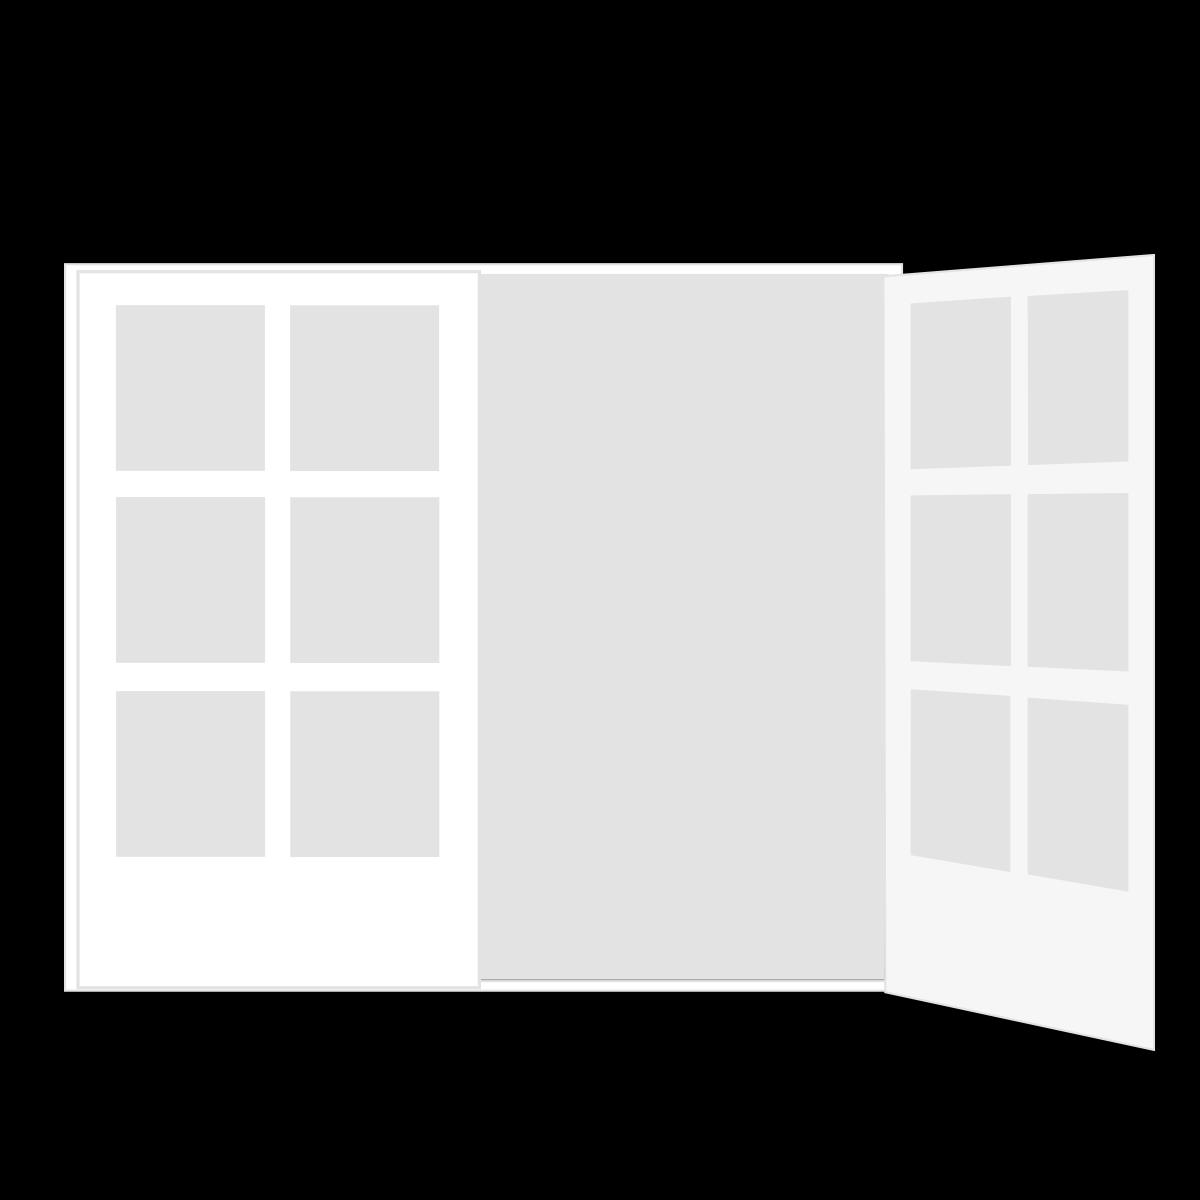 Doppeltür, 1.8 x 2 m, inkl. Ein- und Ausbau, weiß